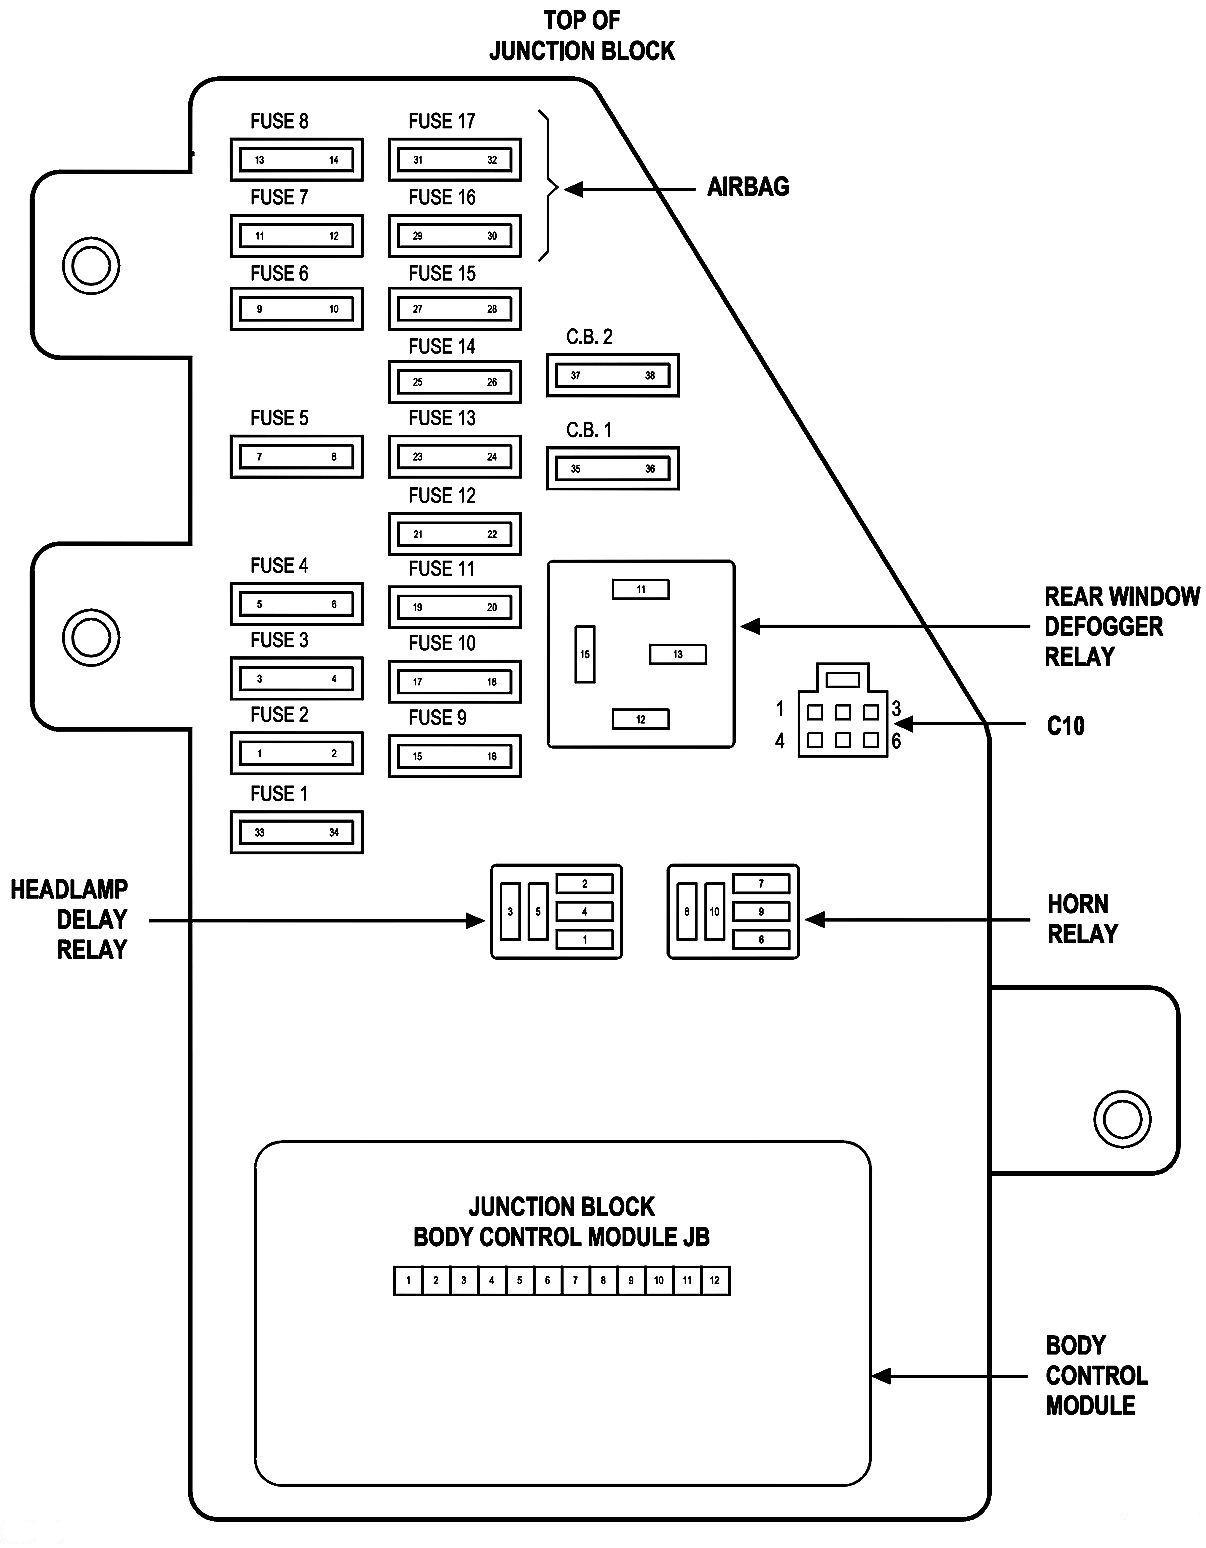 2004 chrysler sebring fuse box diagram yw 1865  2000 300m fuse box free diagram  yw 1865  2000 300m fuse box free diagram